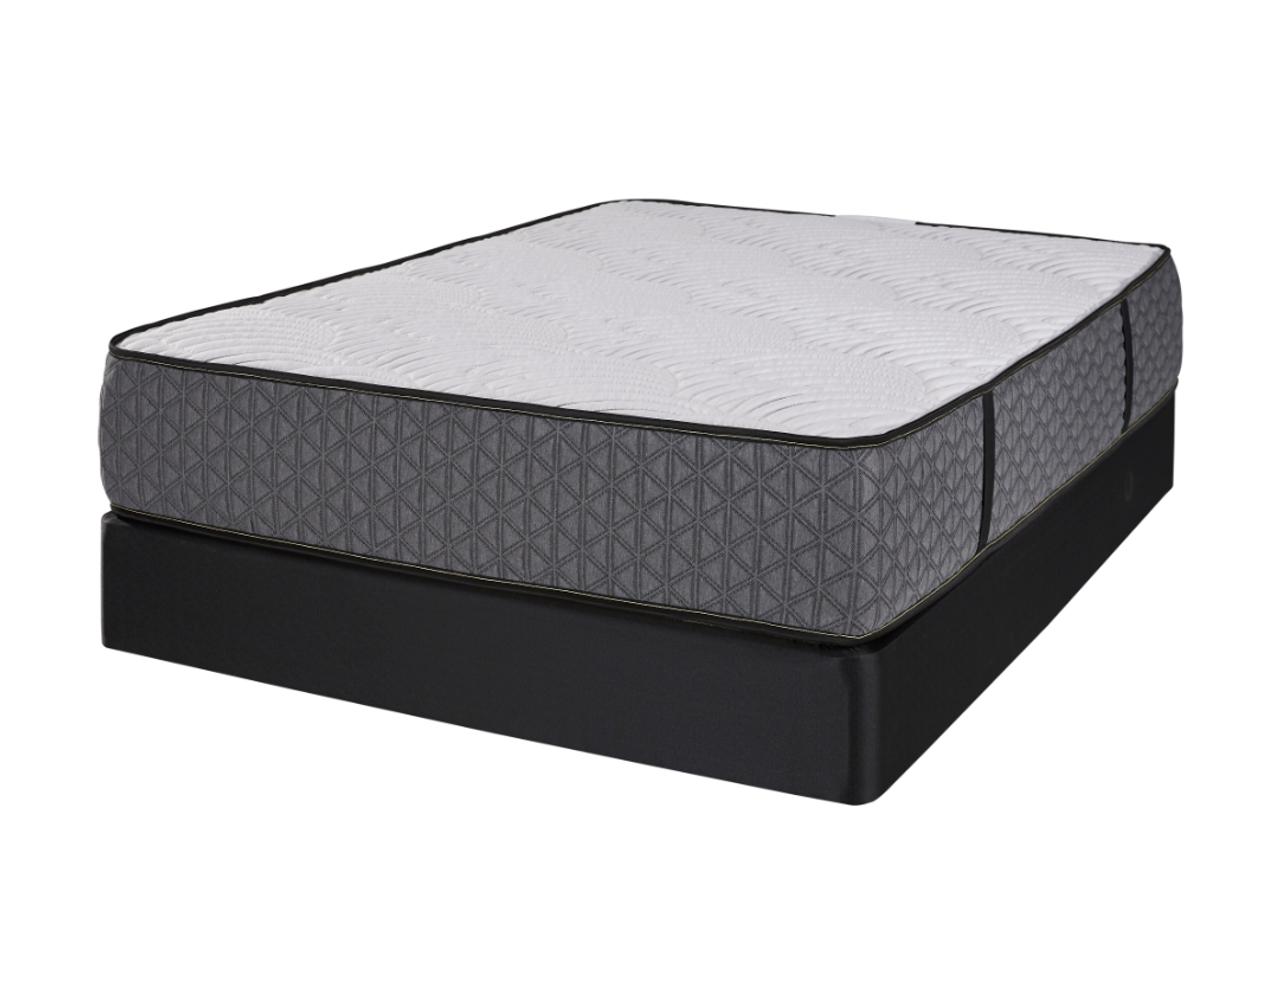 michelle queen extra firm mattress set - Extra Firm Mattress